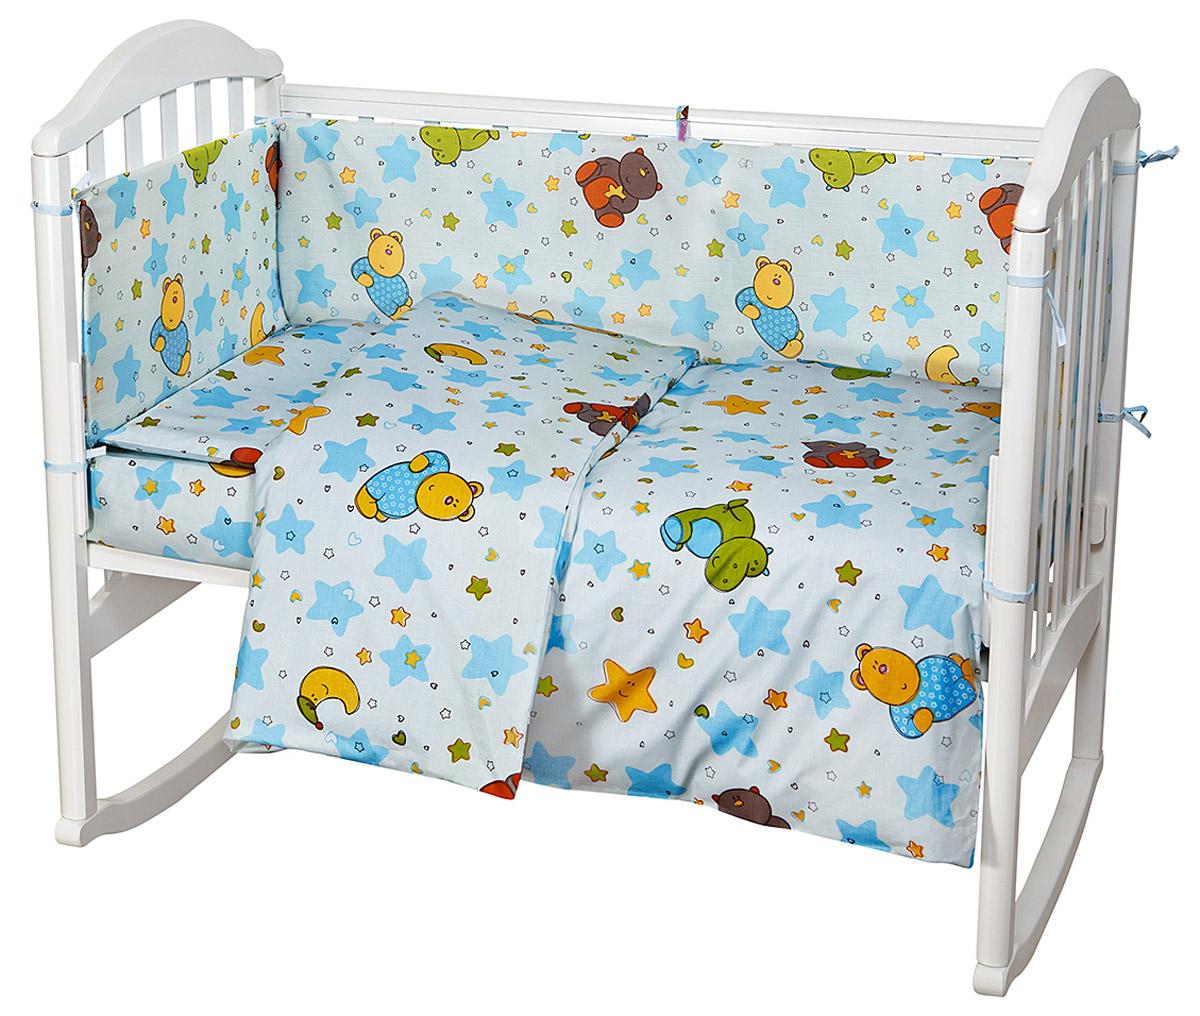 Baby Nice Детский комплект в кроватку Звездопад (КПБ, бязь, наволочка 40х60), цвет: голубой605/4Комплект в кроватку Baby Nice Звездопад для самых маленьких изготовлен только из самой качественной ткани, самой безопасной и гигиеничной, самой экологичной и гипоаллергенной. Отлично подходит для кроваток малышей, которые часто двигаются во сне. Хлопковое волокно прекрасно переносит стирку, быстро сохнет и не требует особого ухода, не линяет и не вытягивается. Ткань прошла специальную обработку по умягчению, что сделало её невероятно мягкой и приятной к телу.Комплект создаст дополнительный комфорт и уют ребенку. Родителям не составит особого труда ухаживать за комплектом. Он превосходно стирается, легко гладится.Ваш малыш будет в восторге от такого необыкновенного постельного набора!В комплект входит: одеяло, пододеяльник, подушка, наволочка, простынь на резинке, 4 борта.